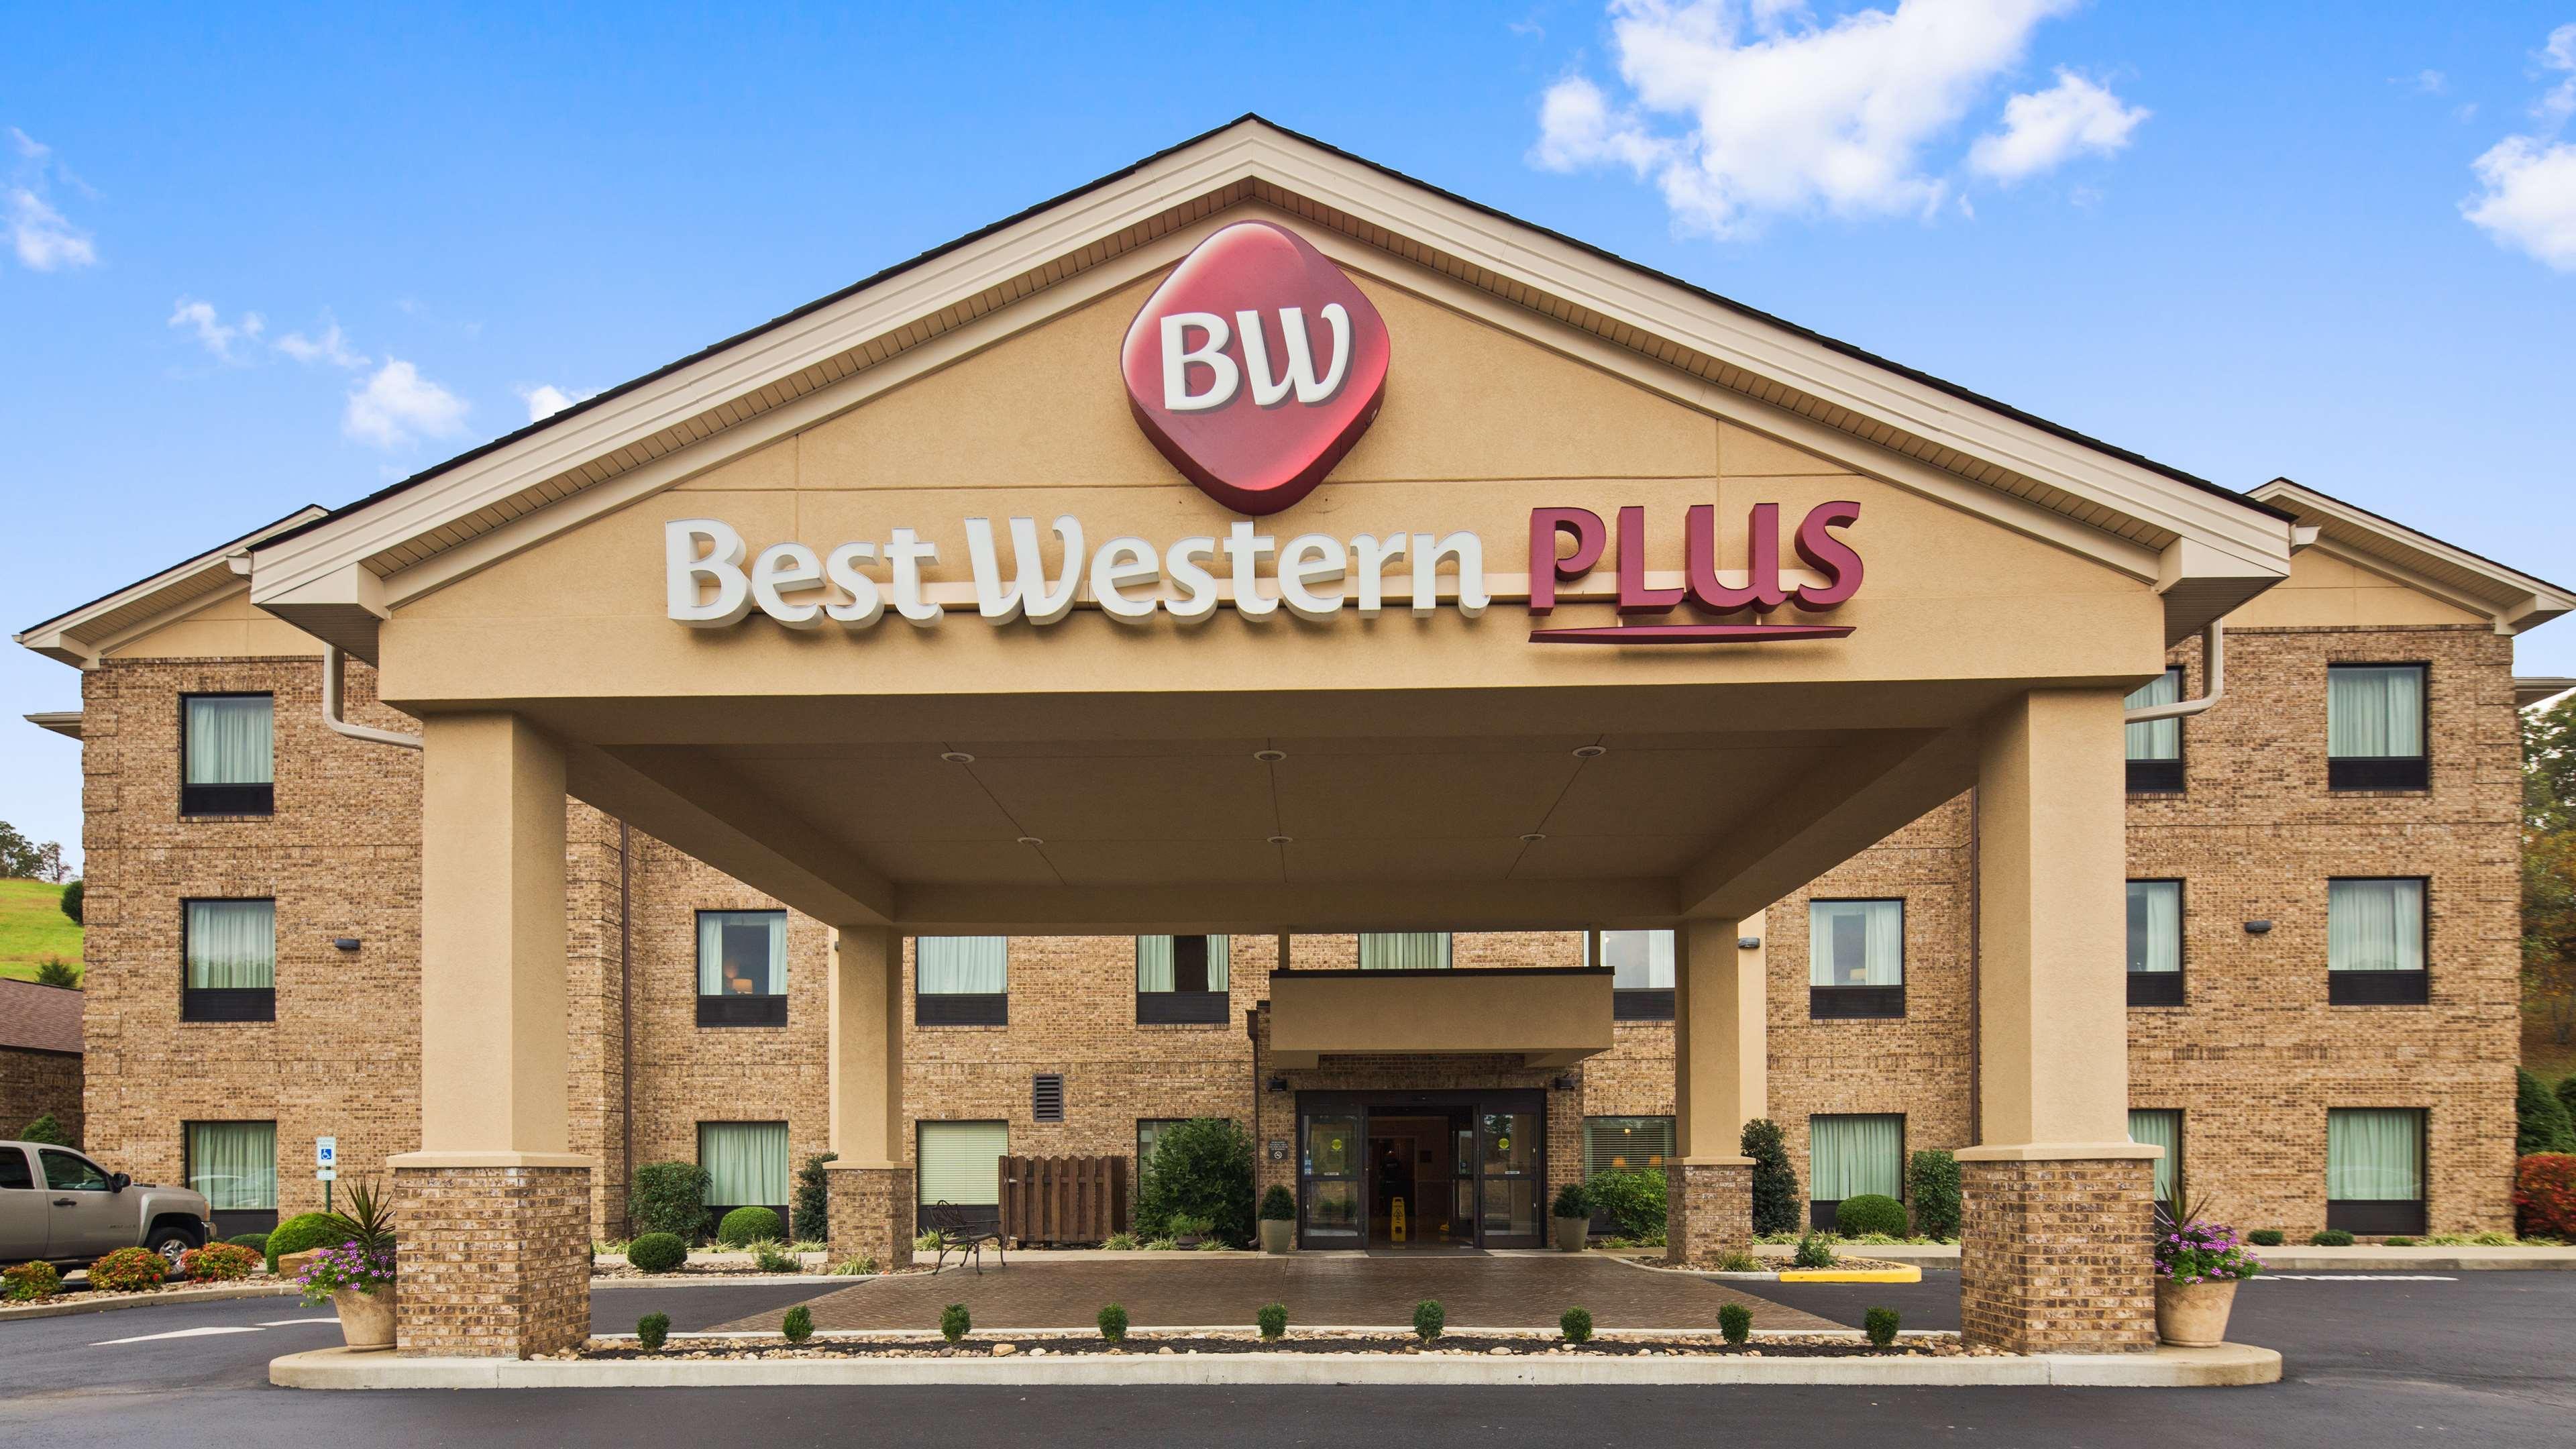 Best Western Plus Louisa Louisa Kentucky Ky